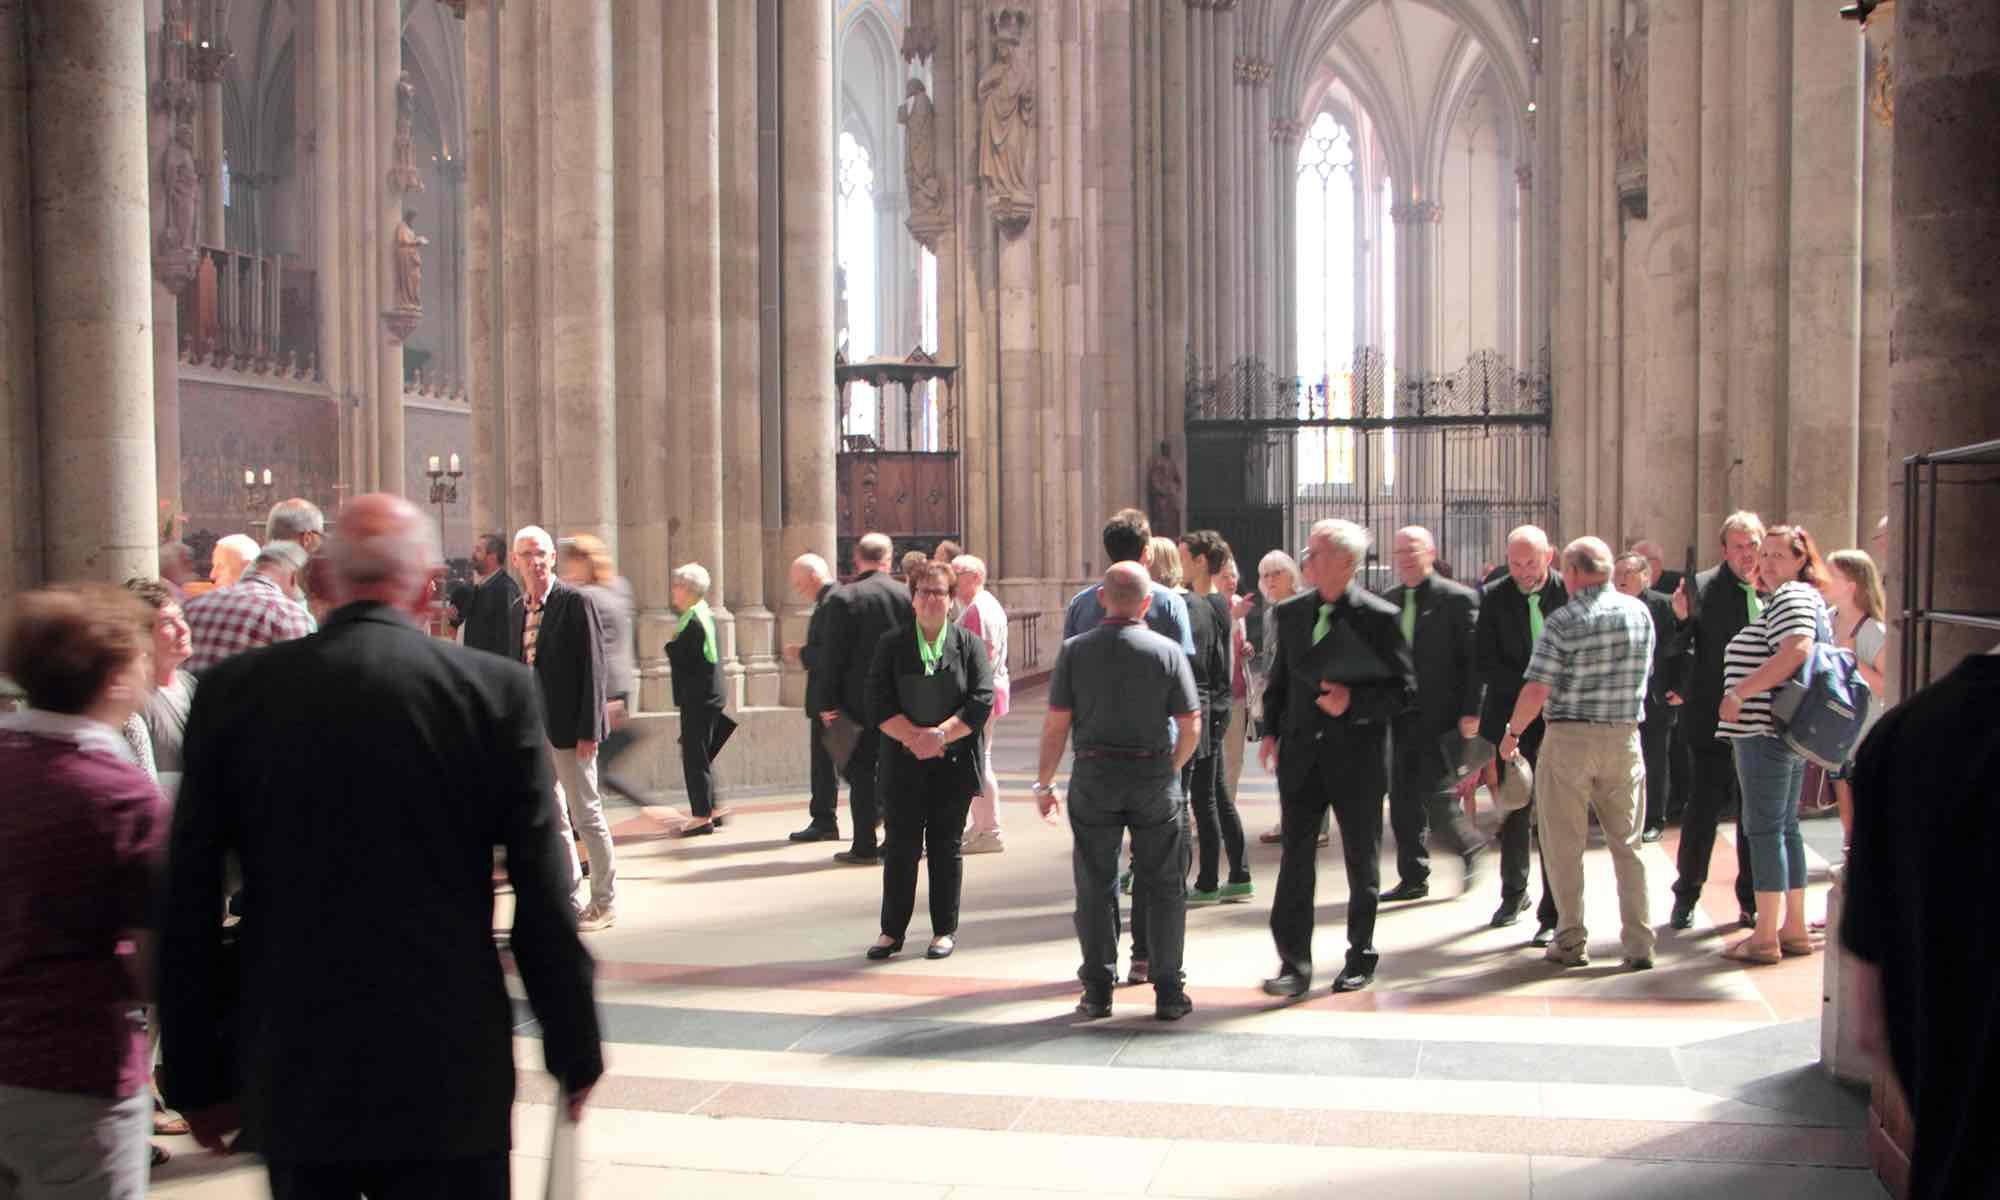 ... Erleichterung nach der Messe - und erstes Feedback von allen Mitgereisten ...